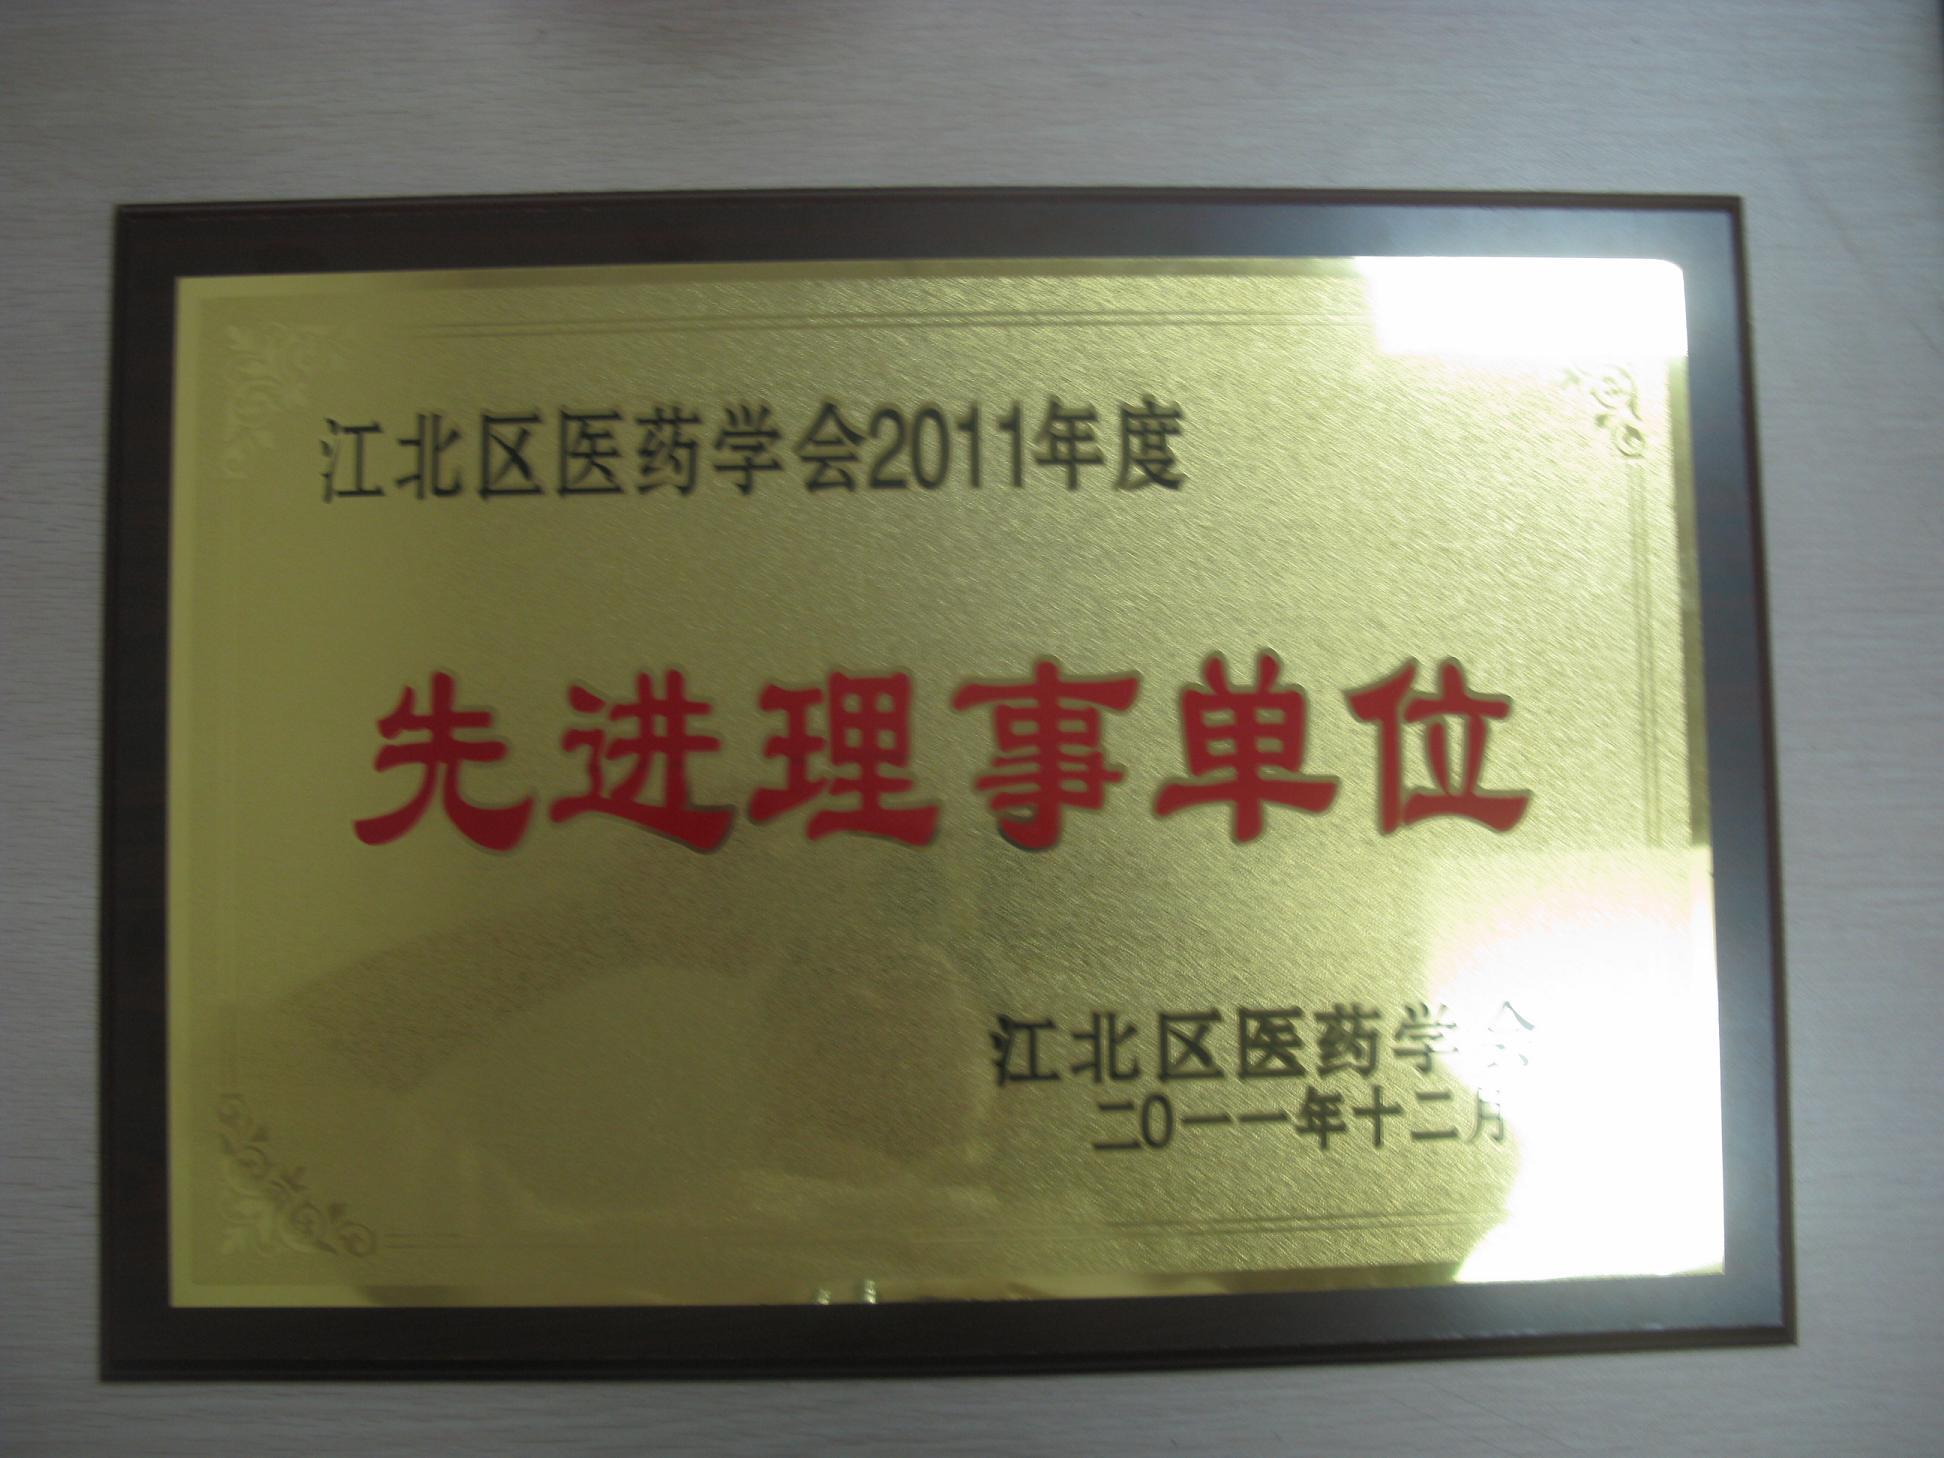 先进理事单位-重庆爱尔眼科医院